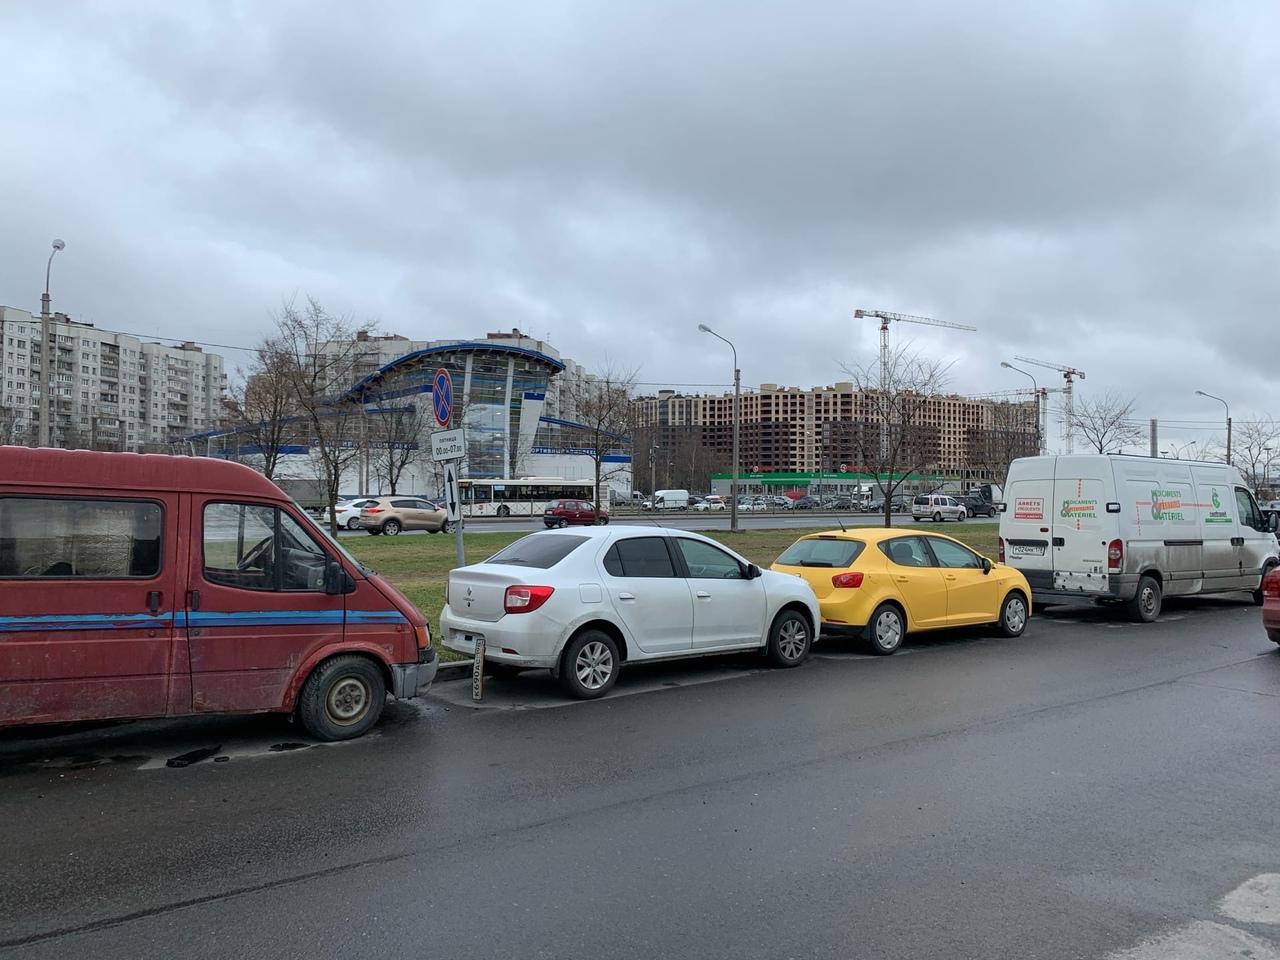 Вчера БМВ бился долго в кармане вдоль Дунайского проспекта у дома 51, многих цепануло.